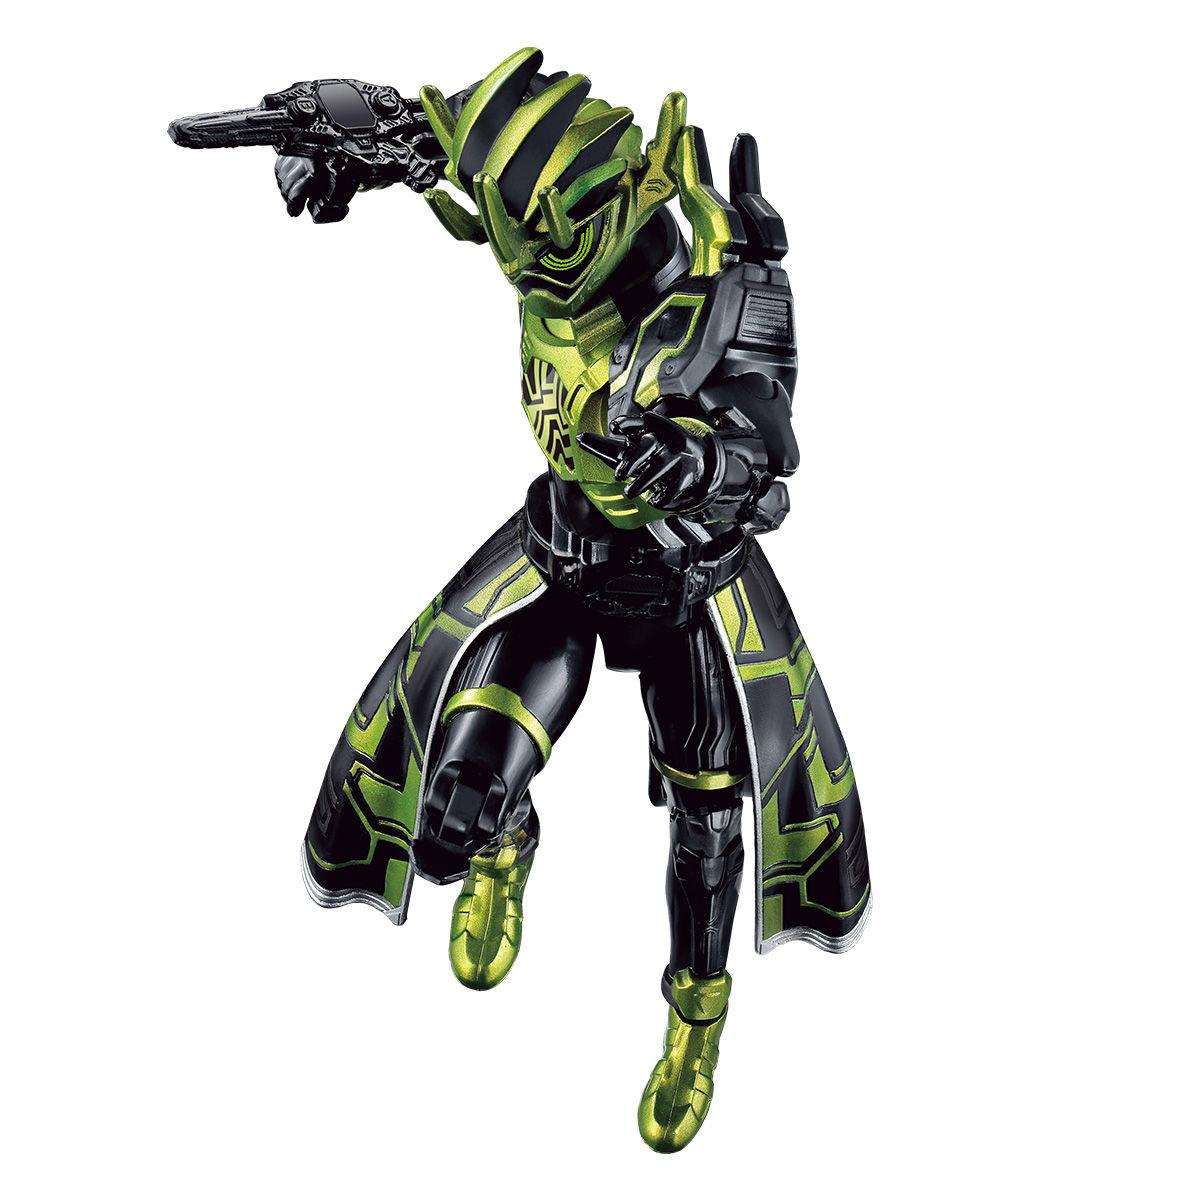 RKF レジェンドライダーシリーズ 仮面ライダークロノス